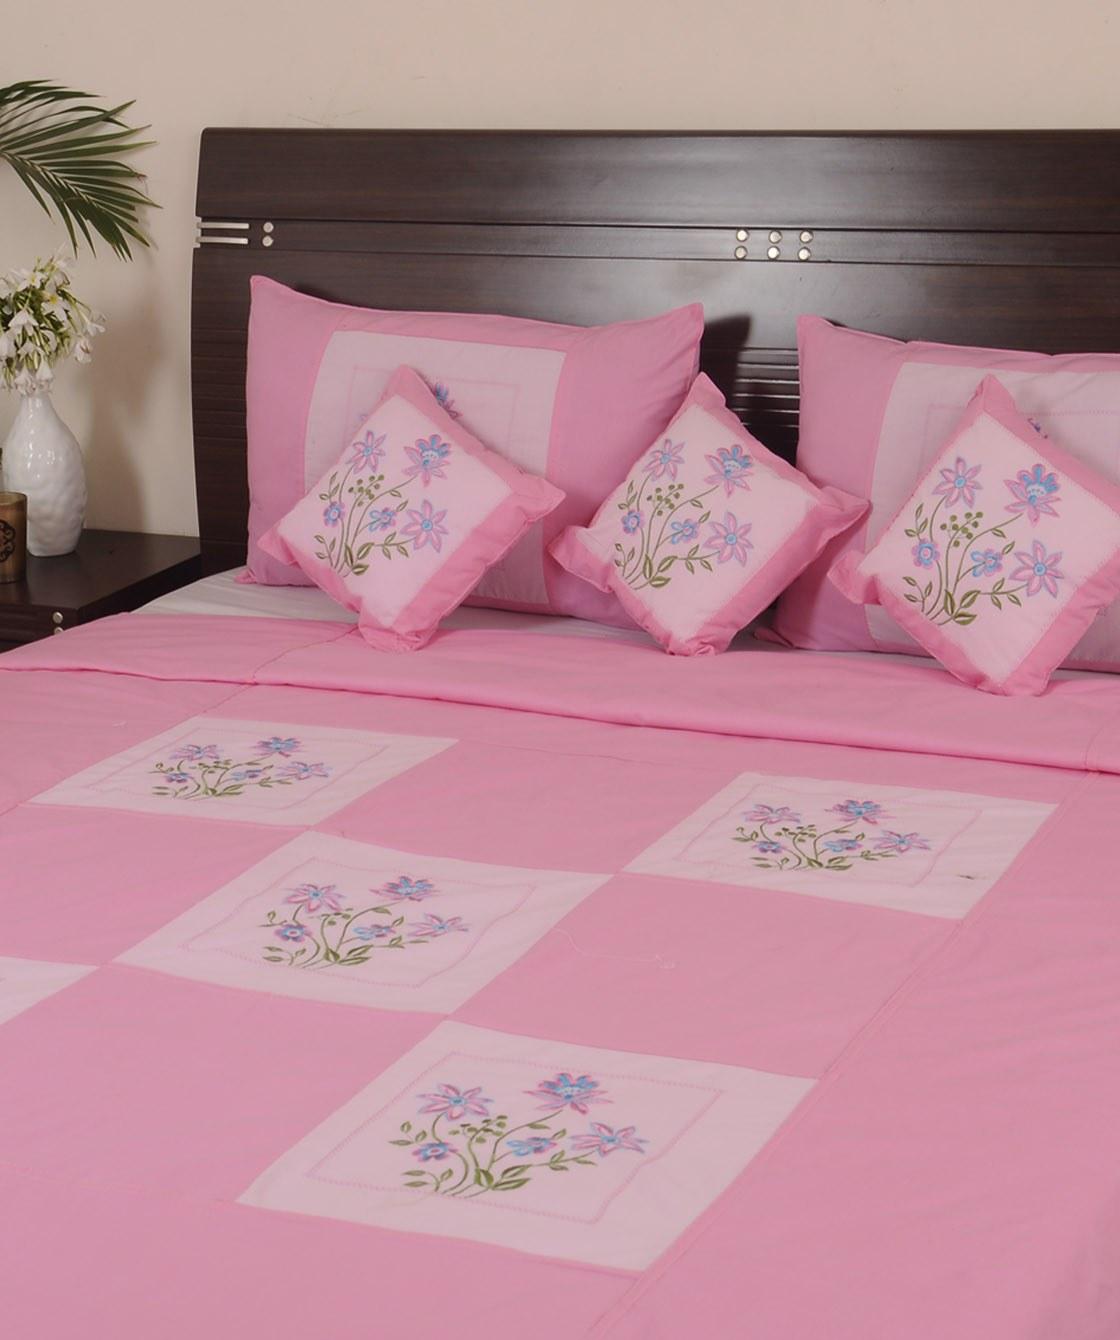 Bed sheet patterns men - Fitted Sheet Corner Straps Made By Holdup Suspender